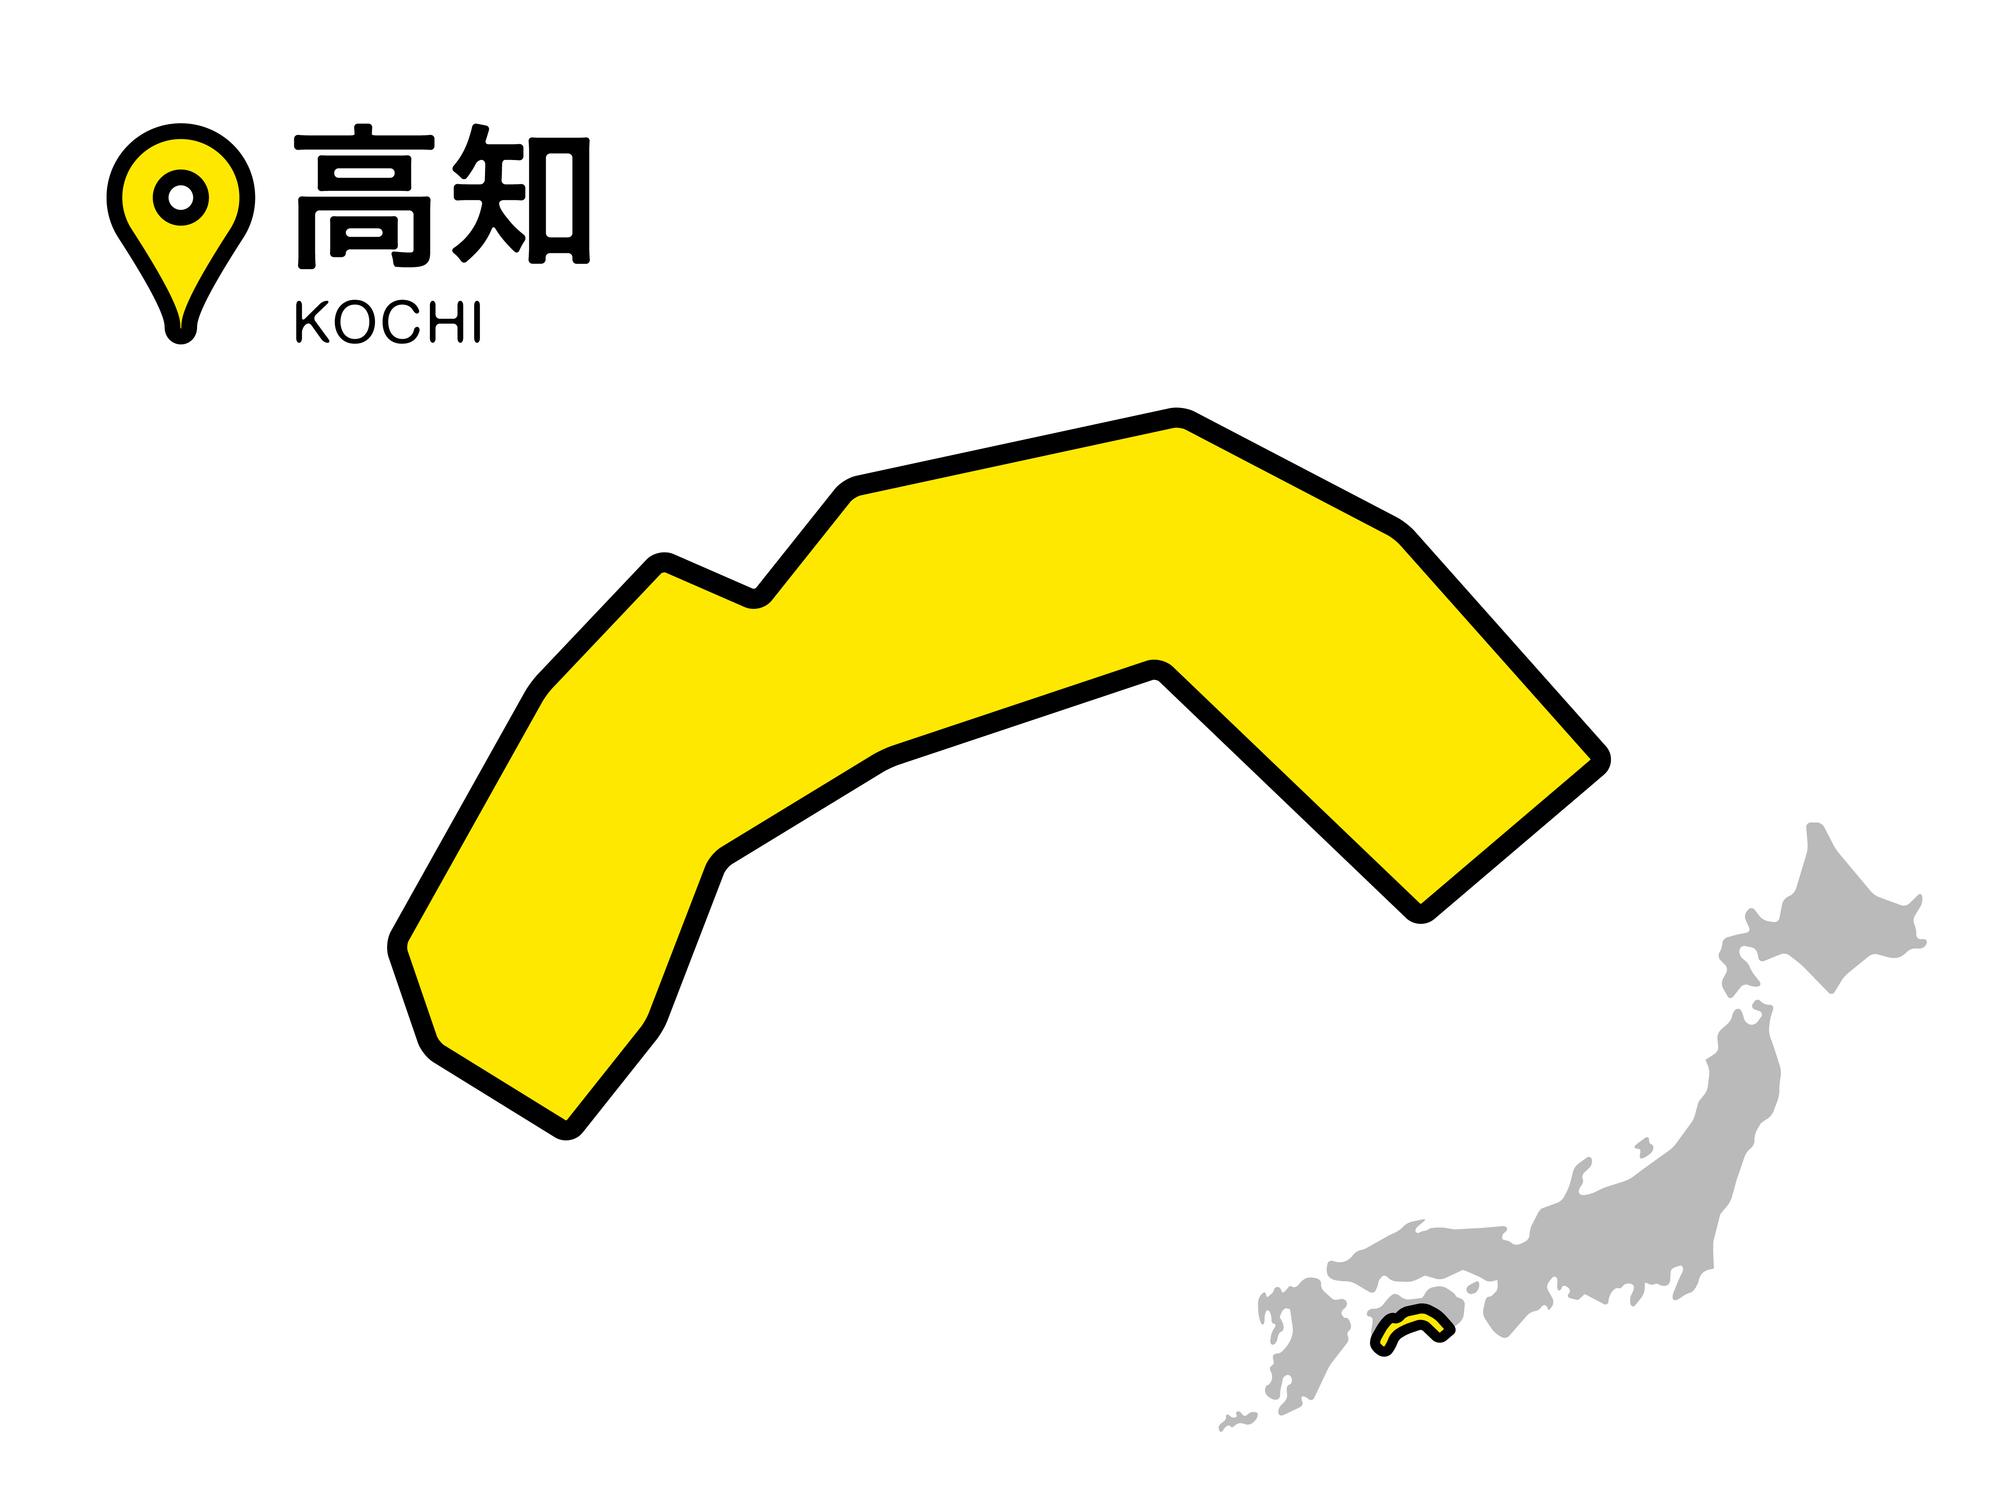 高知県の「おきゃく文化」は葬儀でも 神式が多い葬儀と民間信仰のいざなぎ流